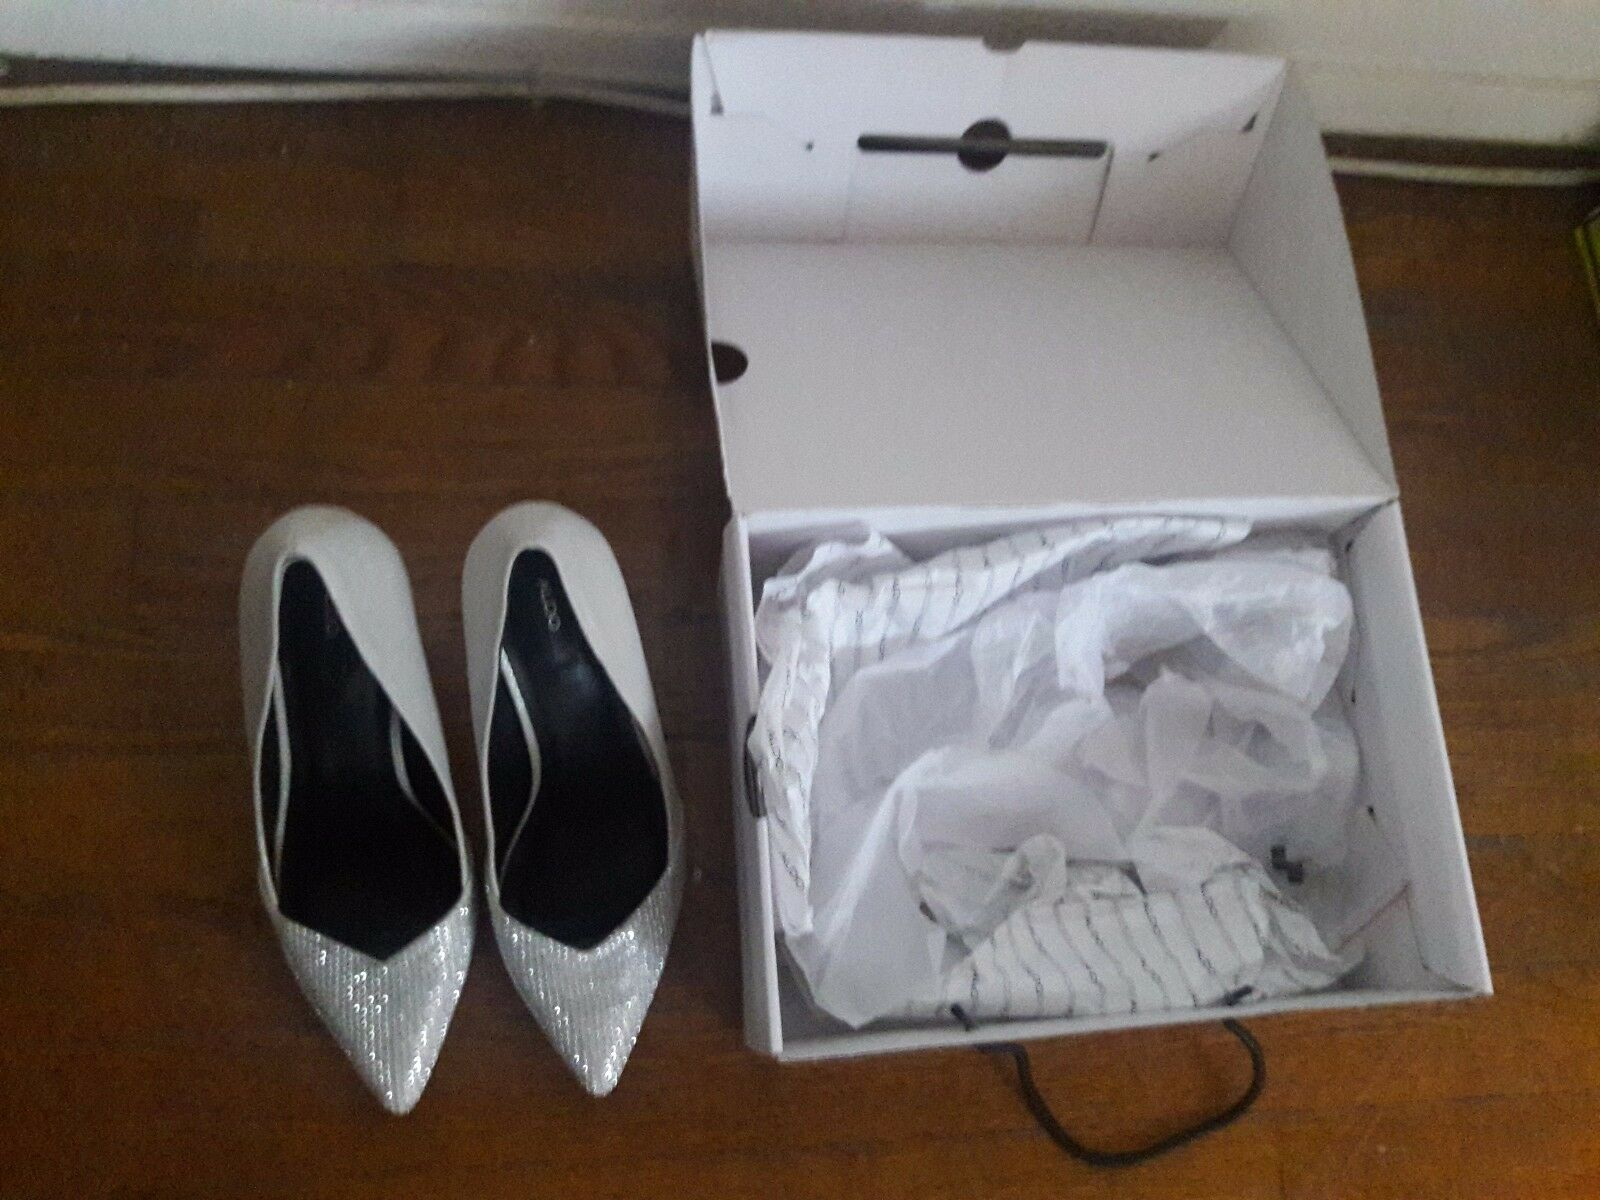 outlet Aldo Donna  Teige-81 scarpe Dimensione US 6.5 Brand New New New With Box, Free Shipping   presentando tutte le ultime tendenze della moda